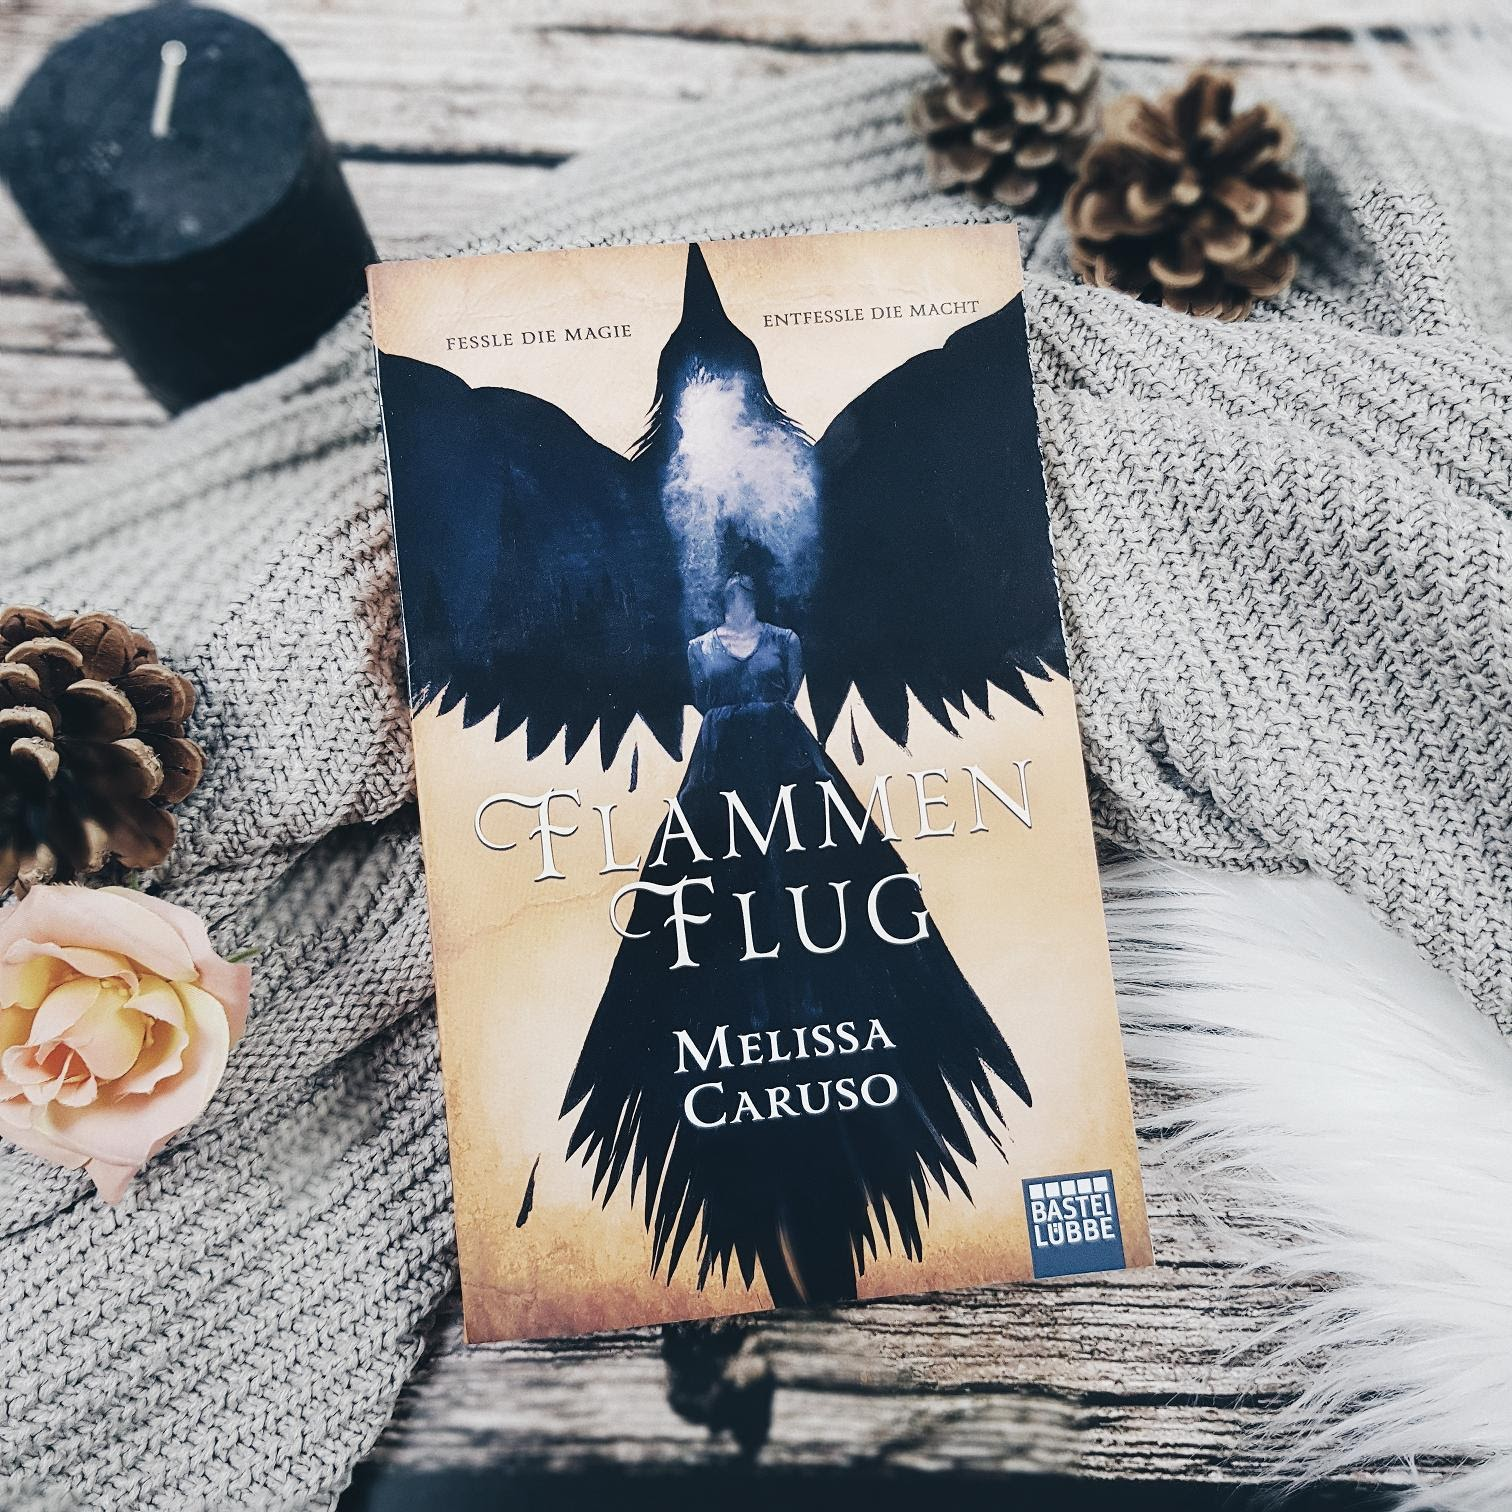 Bücherblog. Rezension. Buchcover. Flammenflug (Band 1) von Melissa Caruso. Fantasy